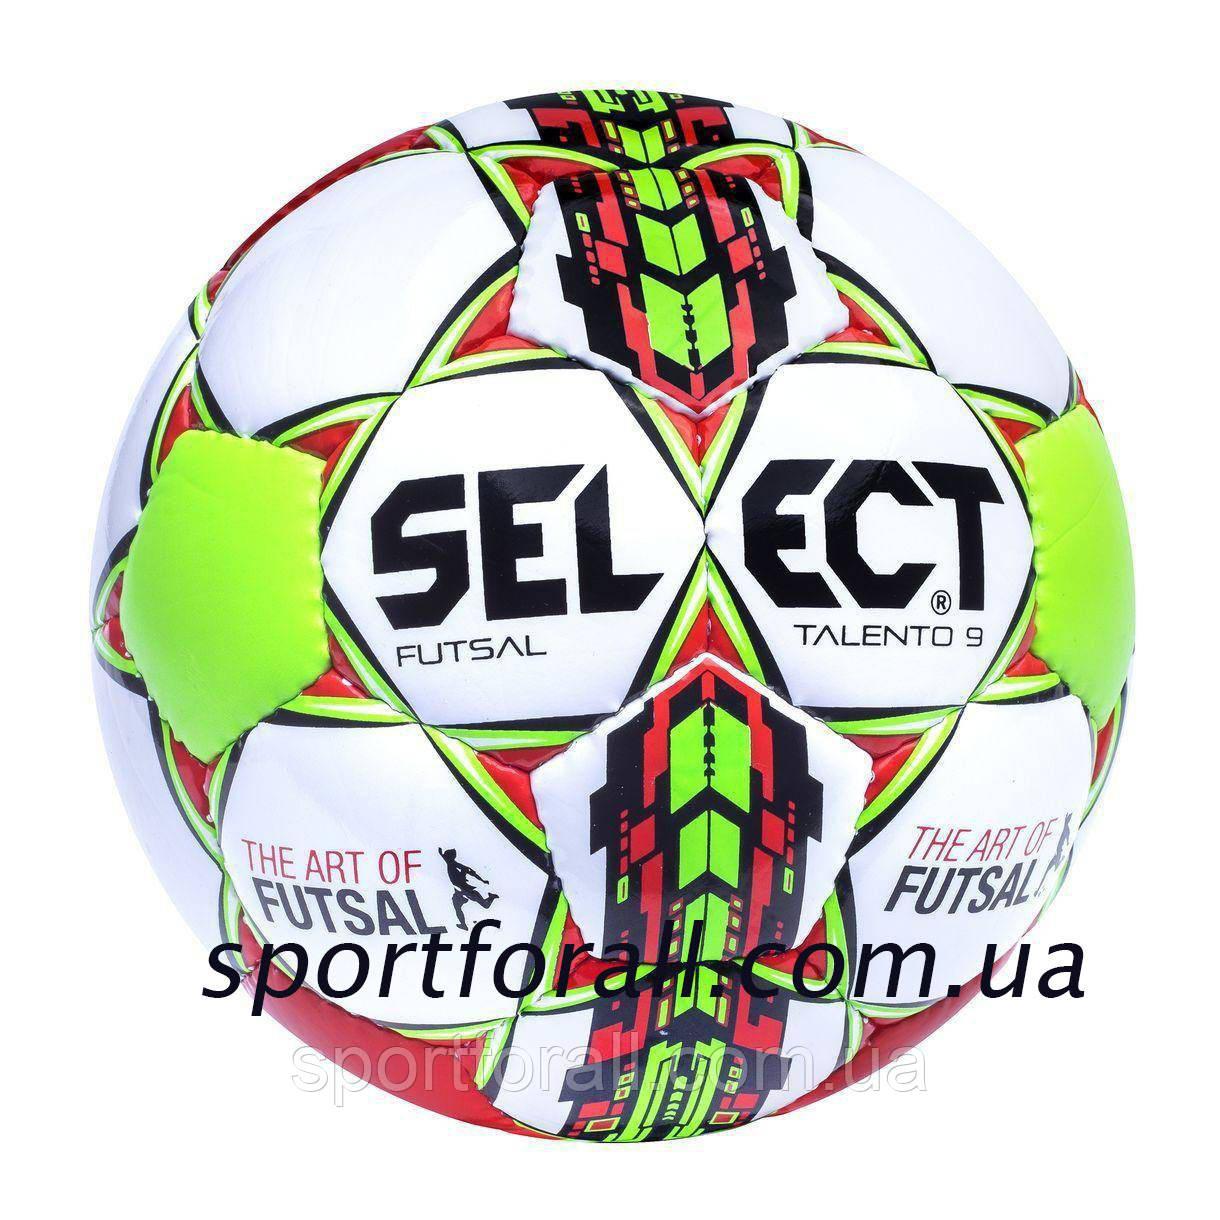 Мяч футзальный детский SELECT FUTSAL TALENTO 9